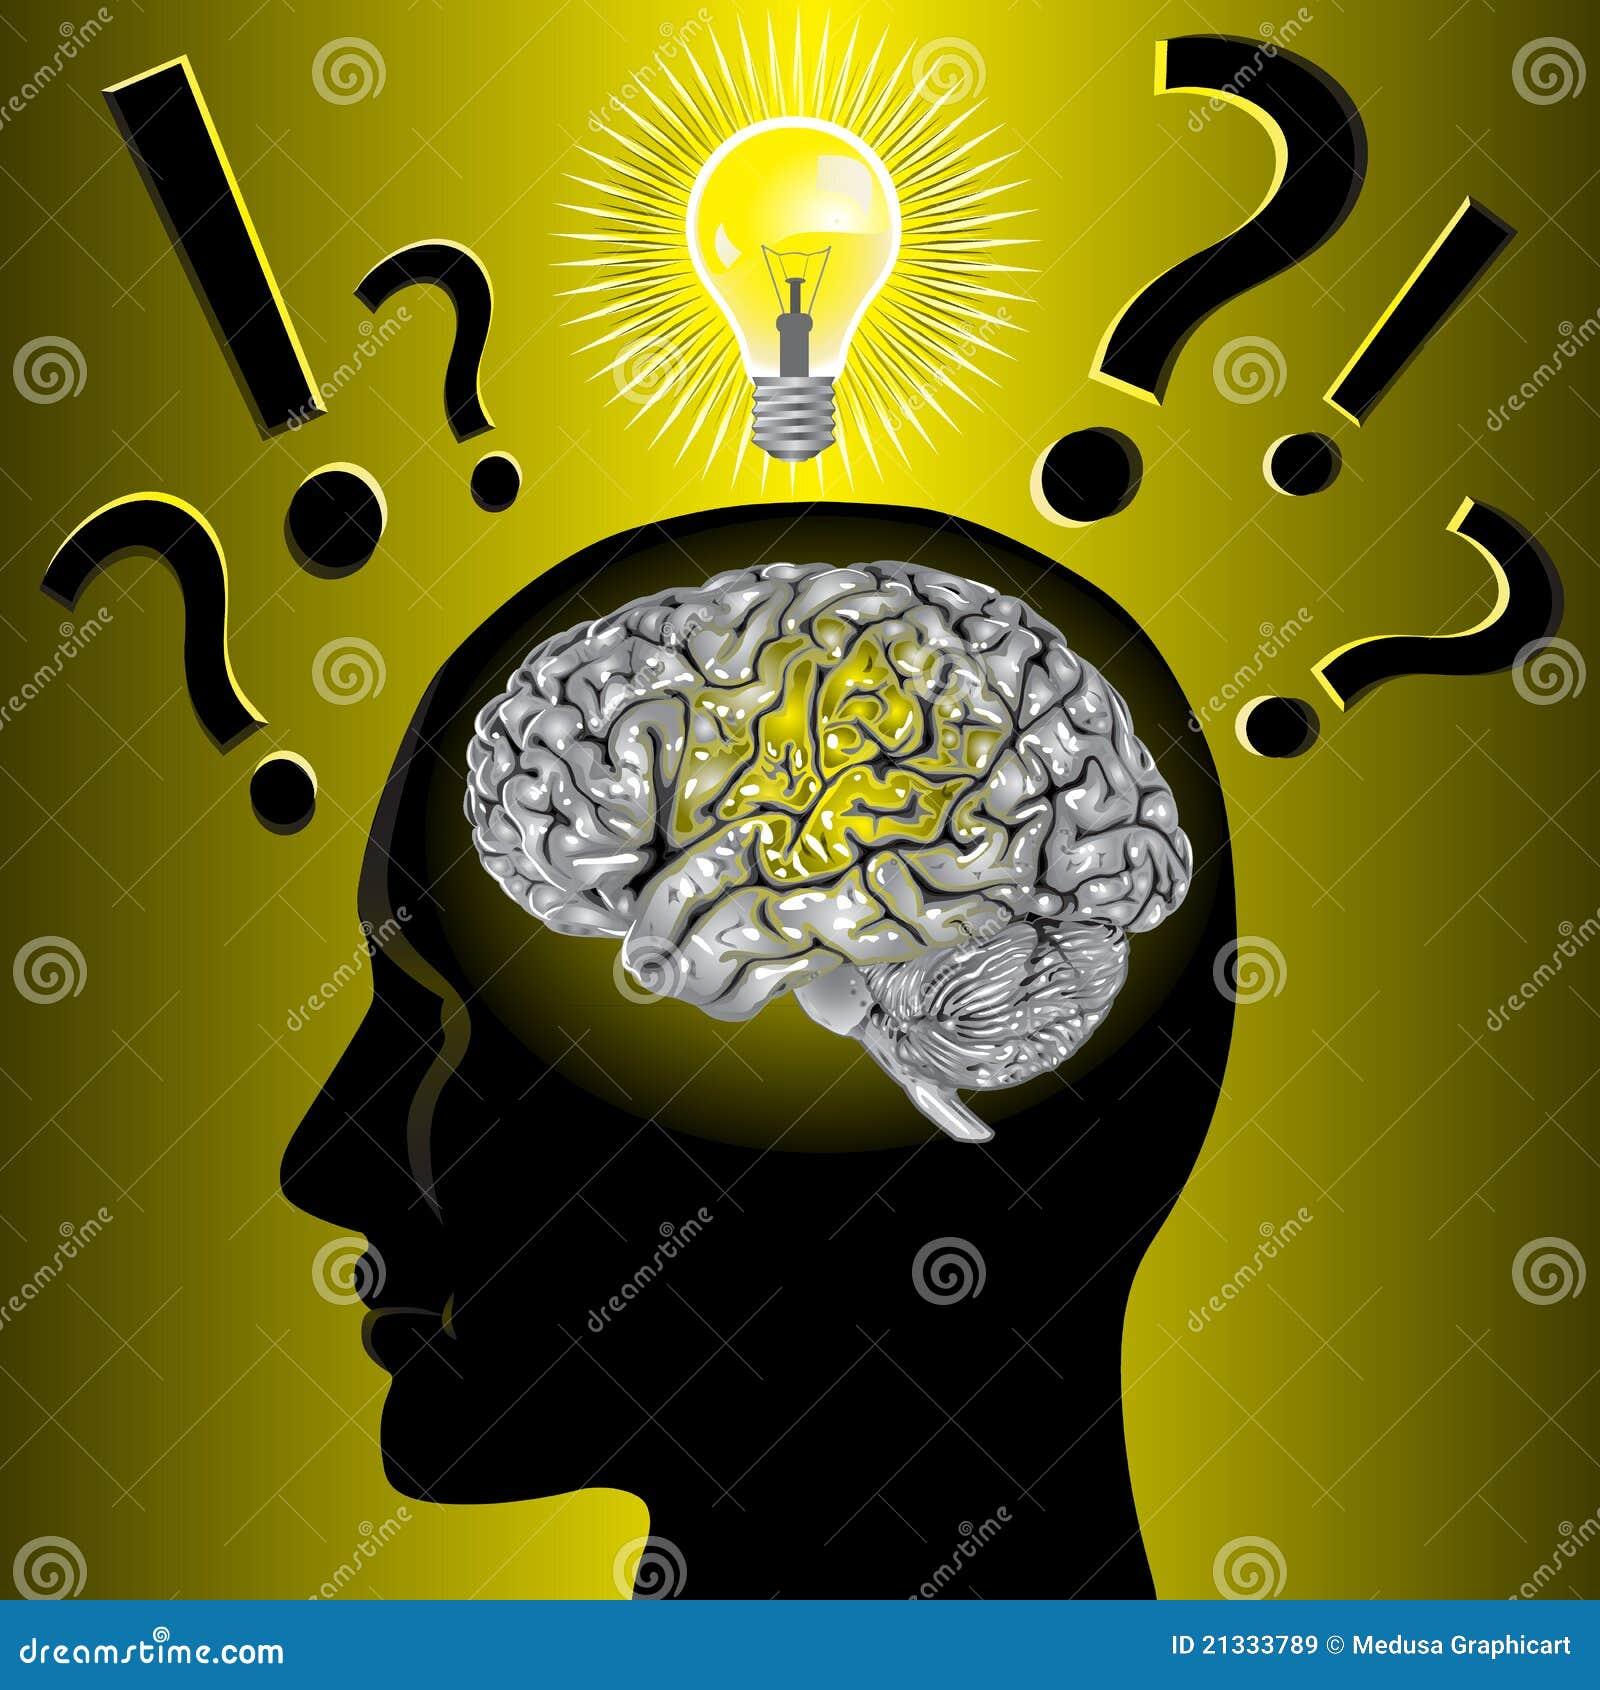 Het idee van hersenen en probleem het oplossen royalty vrije stock afbeeldingen afbeelding - Idee van zolderruimte ...